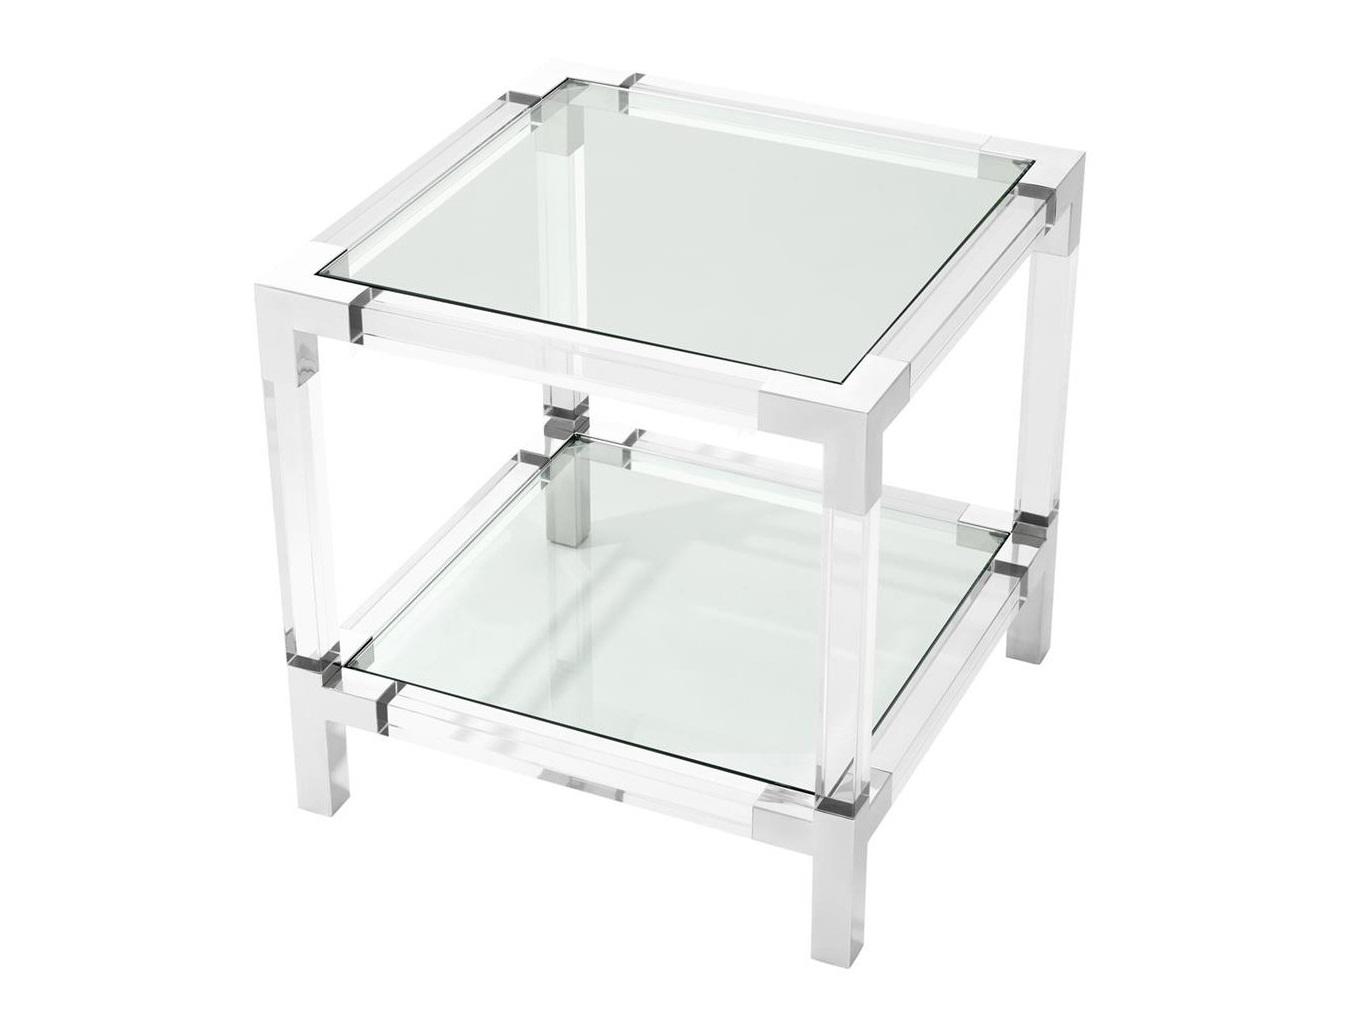 Стол RoyaltonПриставные столики<br>Столик Royalton выполнен из полированной нержавеющей стали.&amp;amp;nbsp;&amp;lt;div&amp;gt;Столешница из прозрачного стекла.&amp;lt;/div&amp;gt;<br><br>Material: Стекло<br>Ширина см: 60.0<br>Высота см: 60.0<br>Глубина см: 60.0